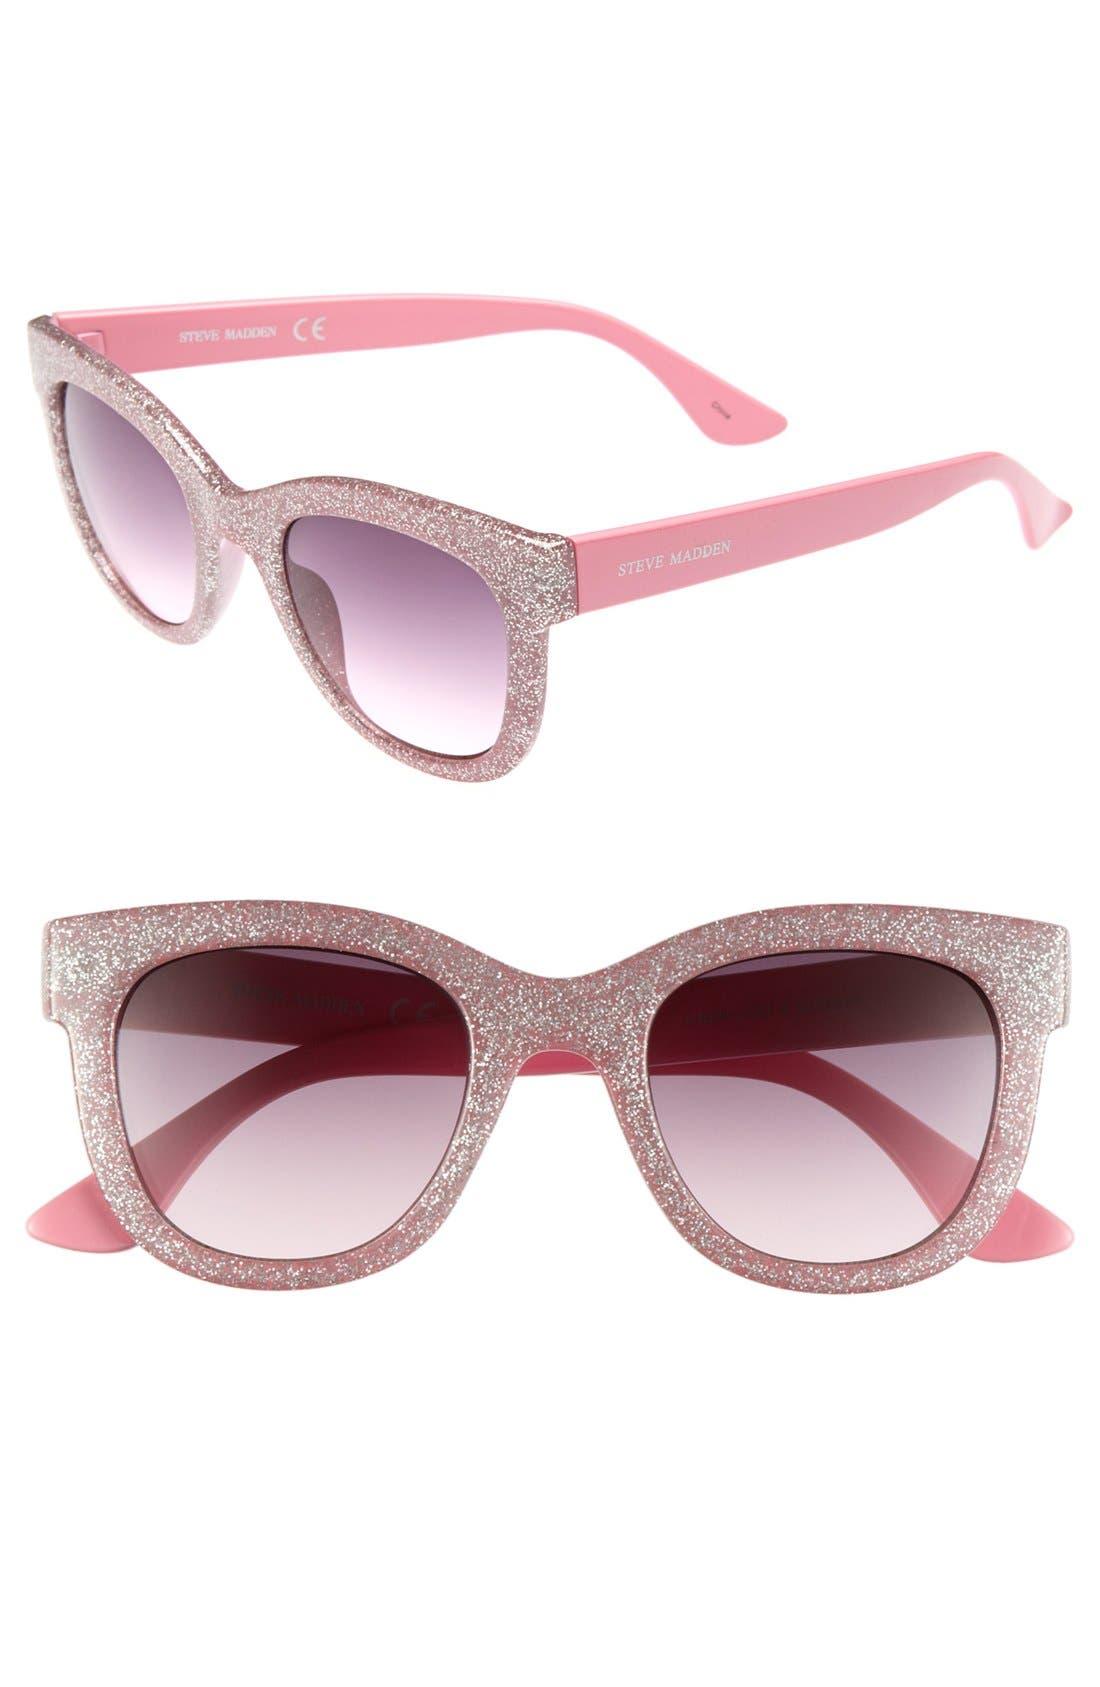 Main Image - Steve Madden Glitter Sunglasses